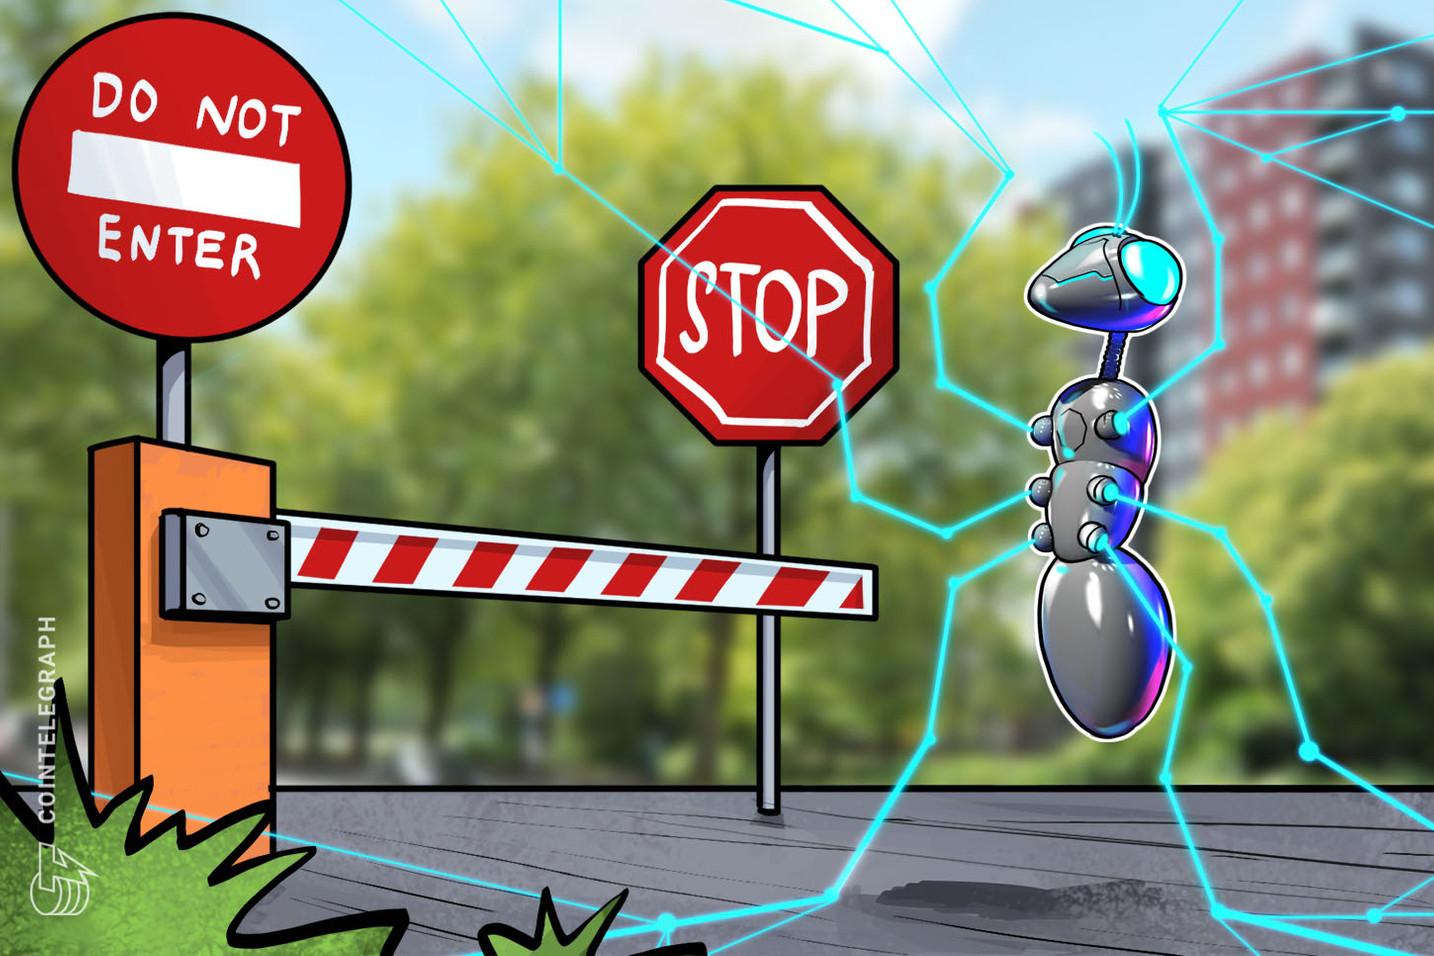 La plataforma blockchain Colu cierra, vuelve a comprar sus tokens